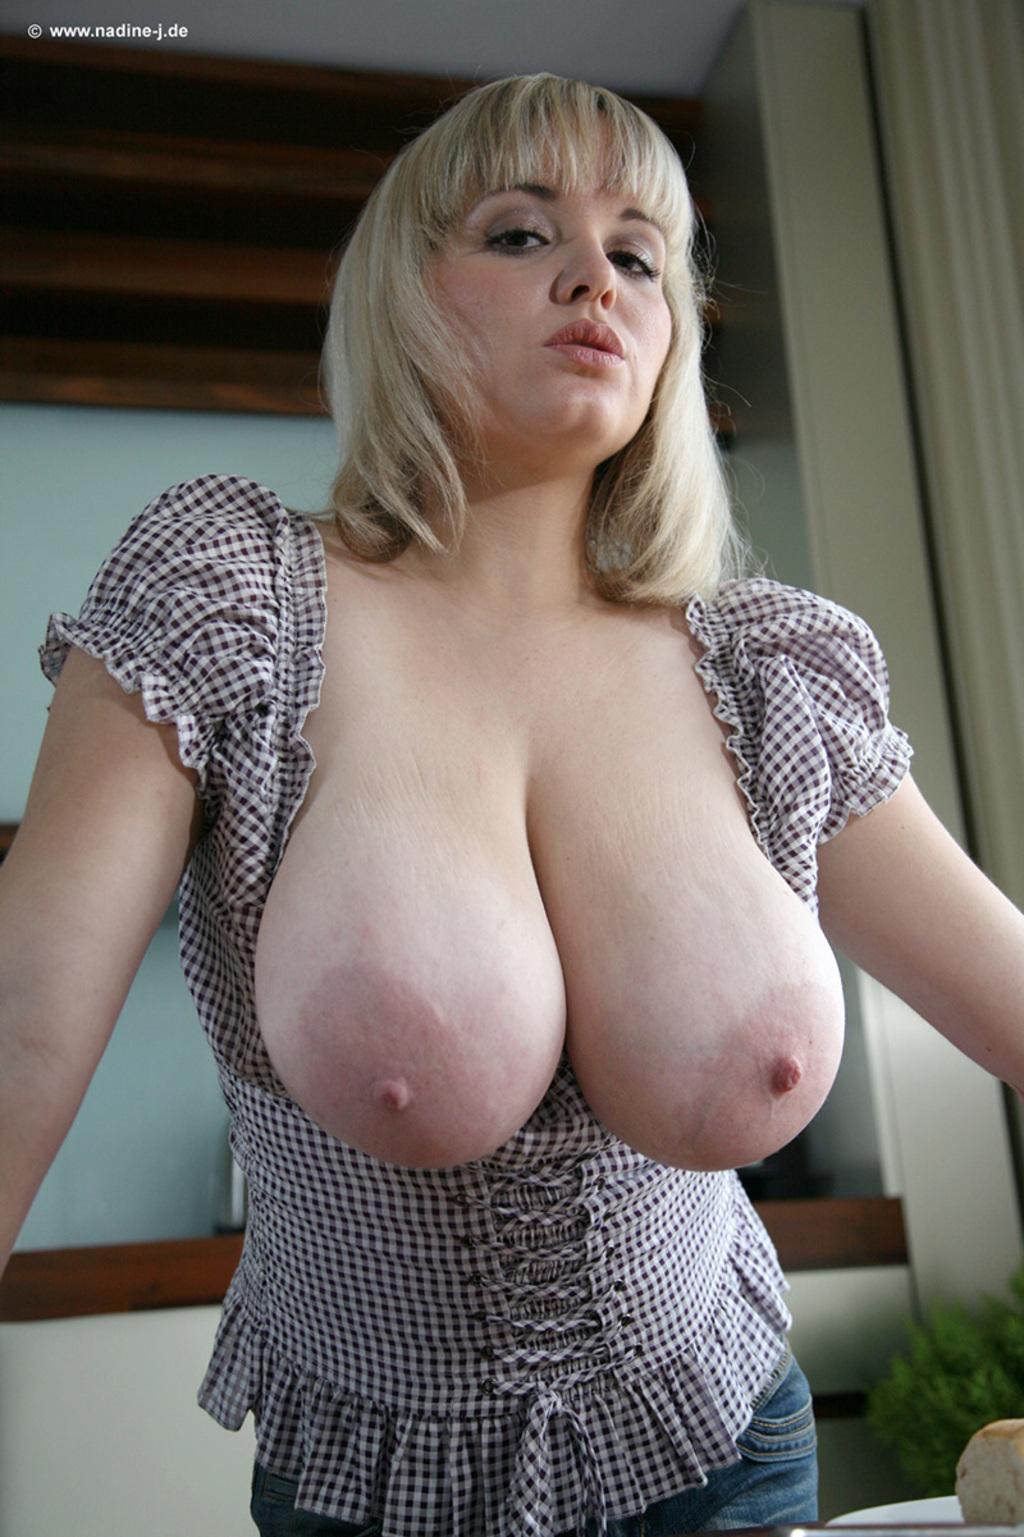 как ебуть грудь женщин фот